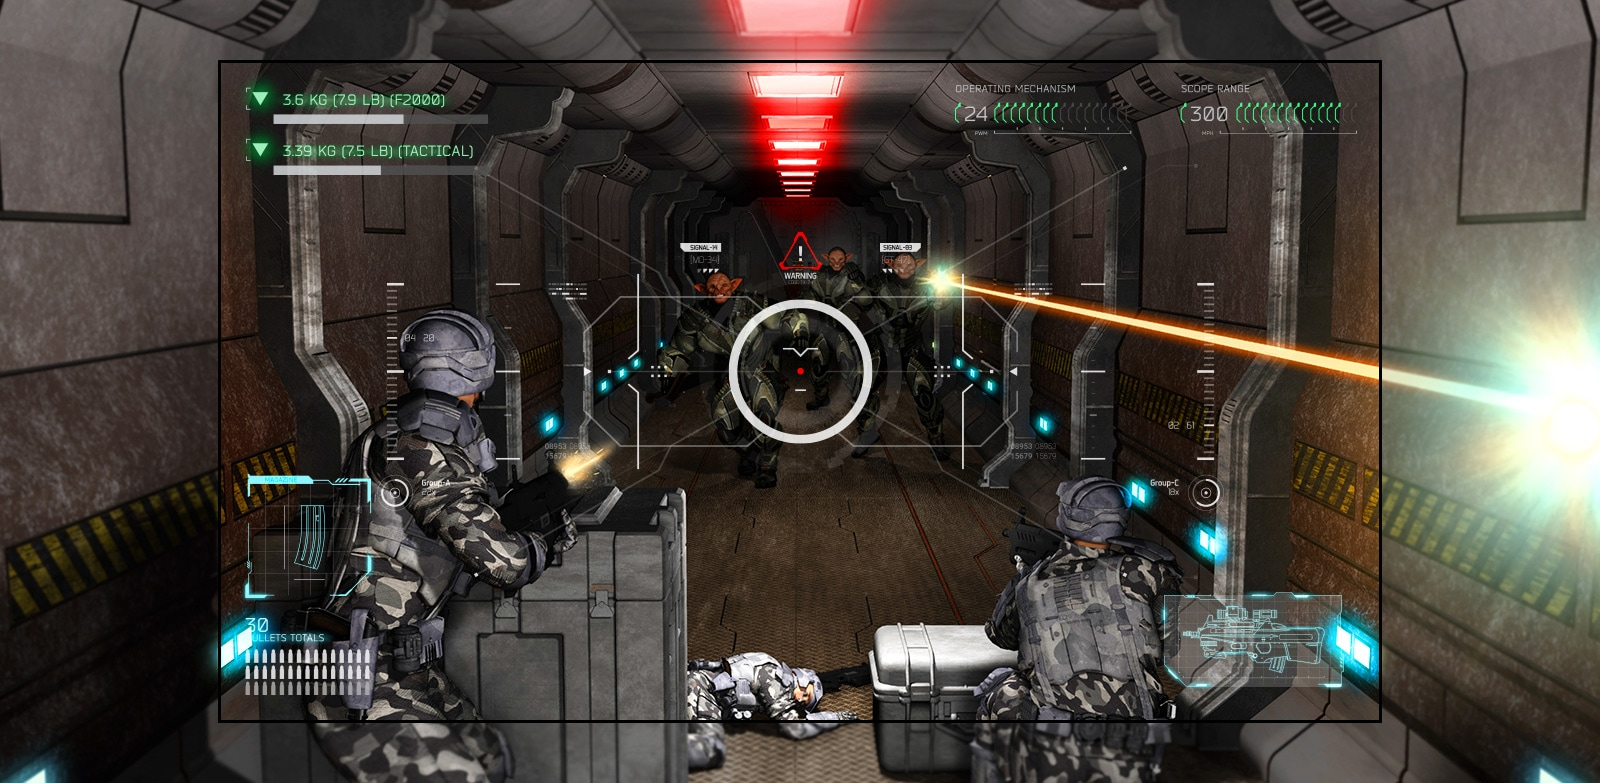 TV, ki prikazuje prizor iz strelske igre, kjer igralca s pištolami premagajo nezemljani.